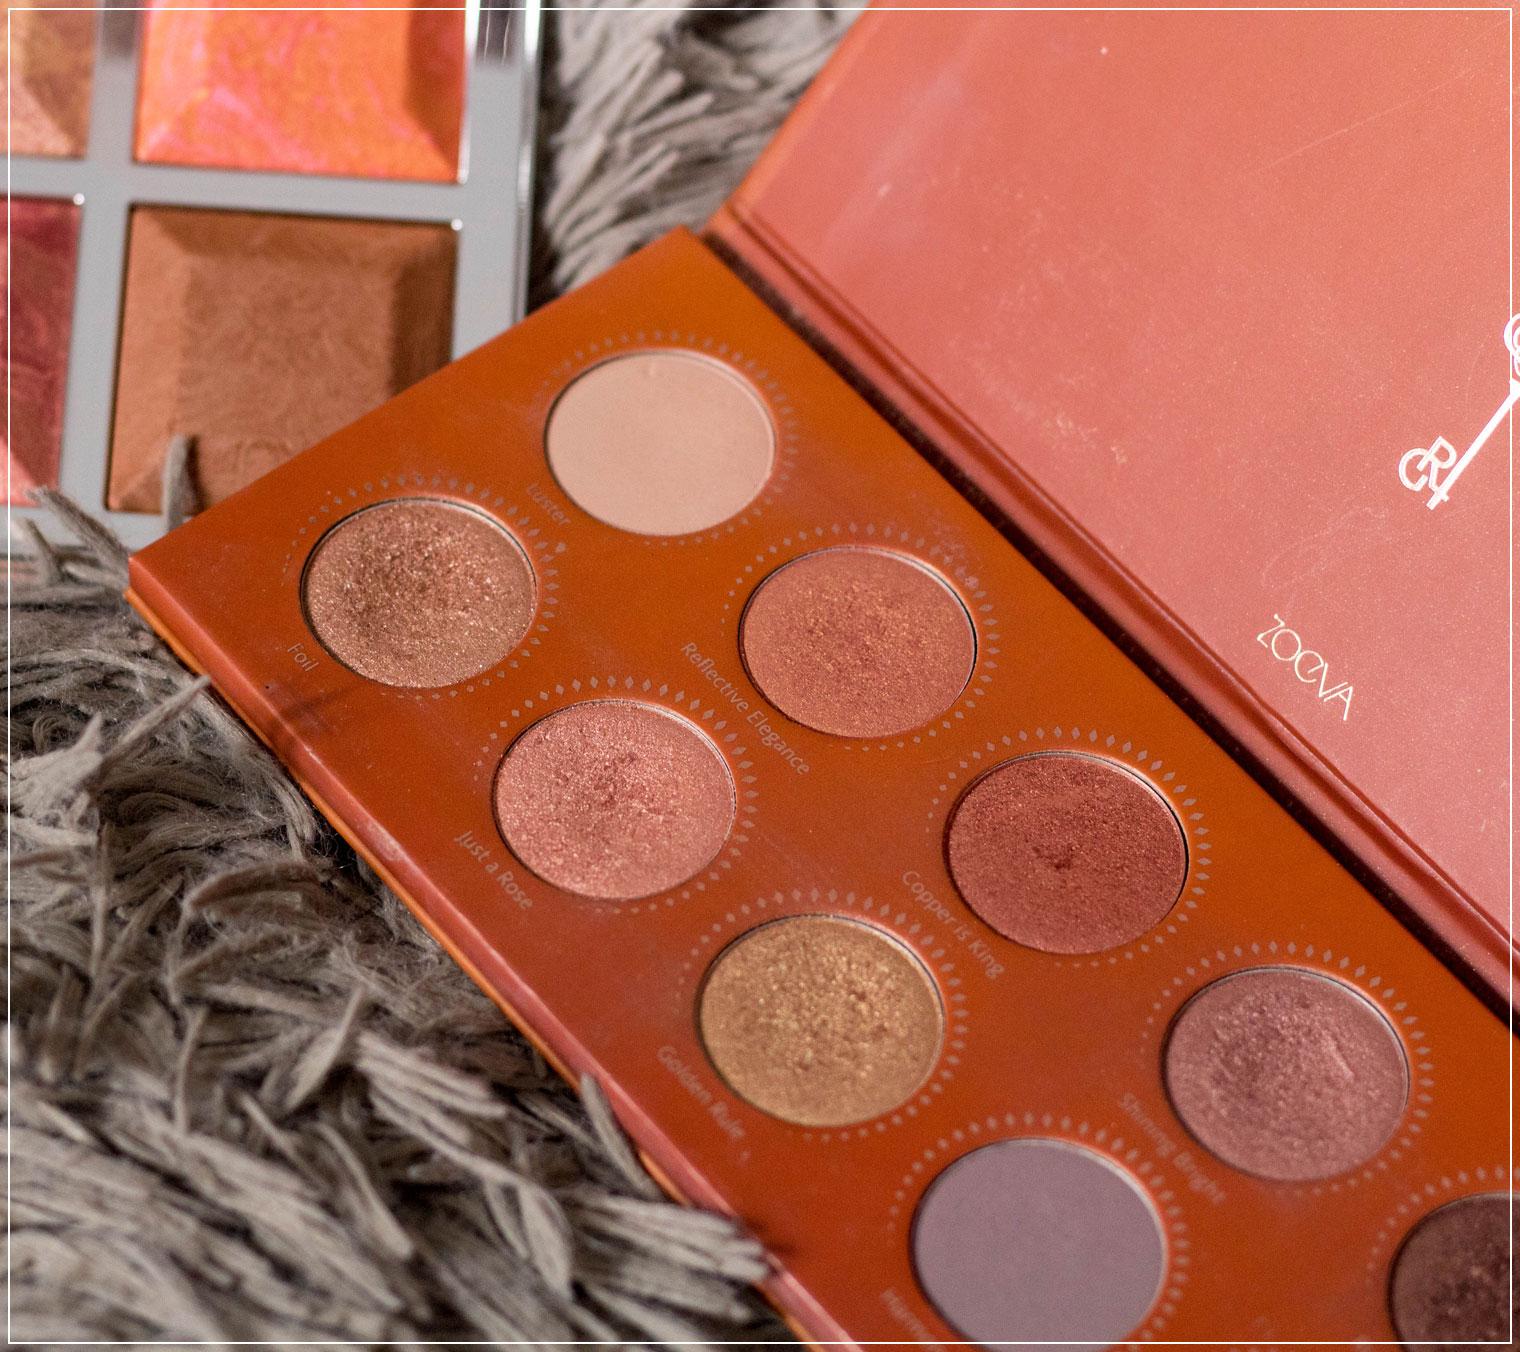 Rotgold, Becca Bronzer, Tages-Make-Up, Lidschatten-Palette Beautytutorial, Make-up Tutorial, Beauty Blog, Beautybloggerin, Ruhrgebiet